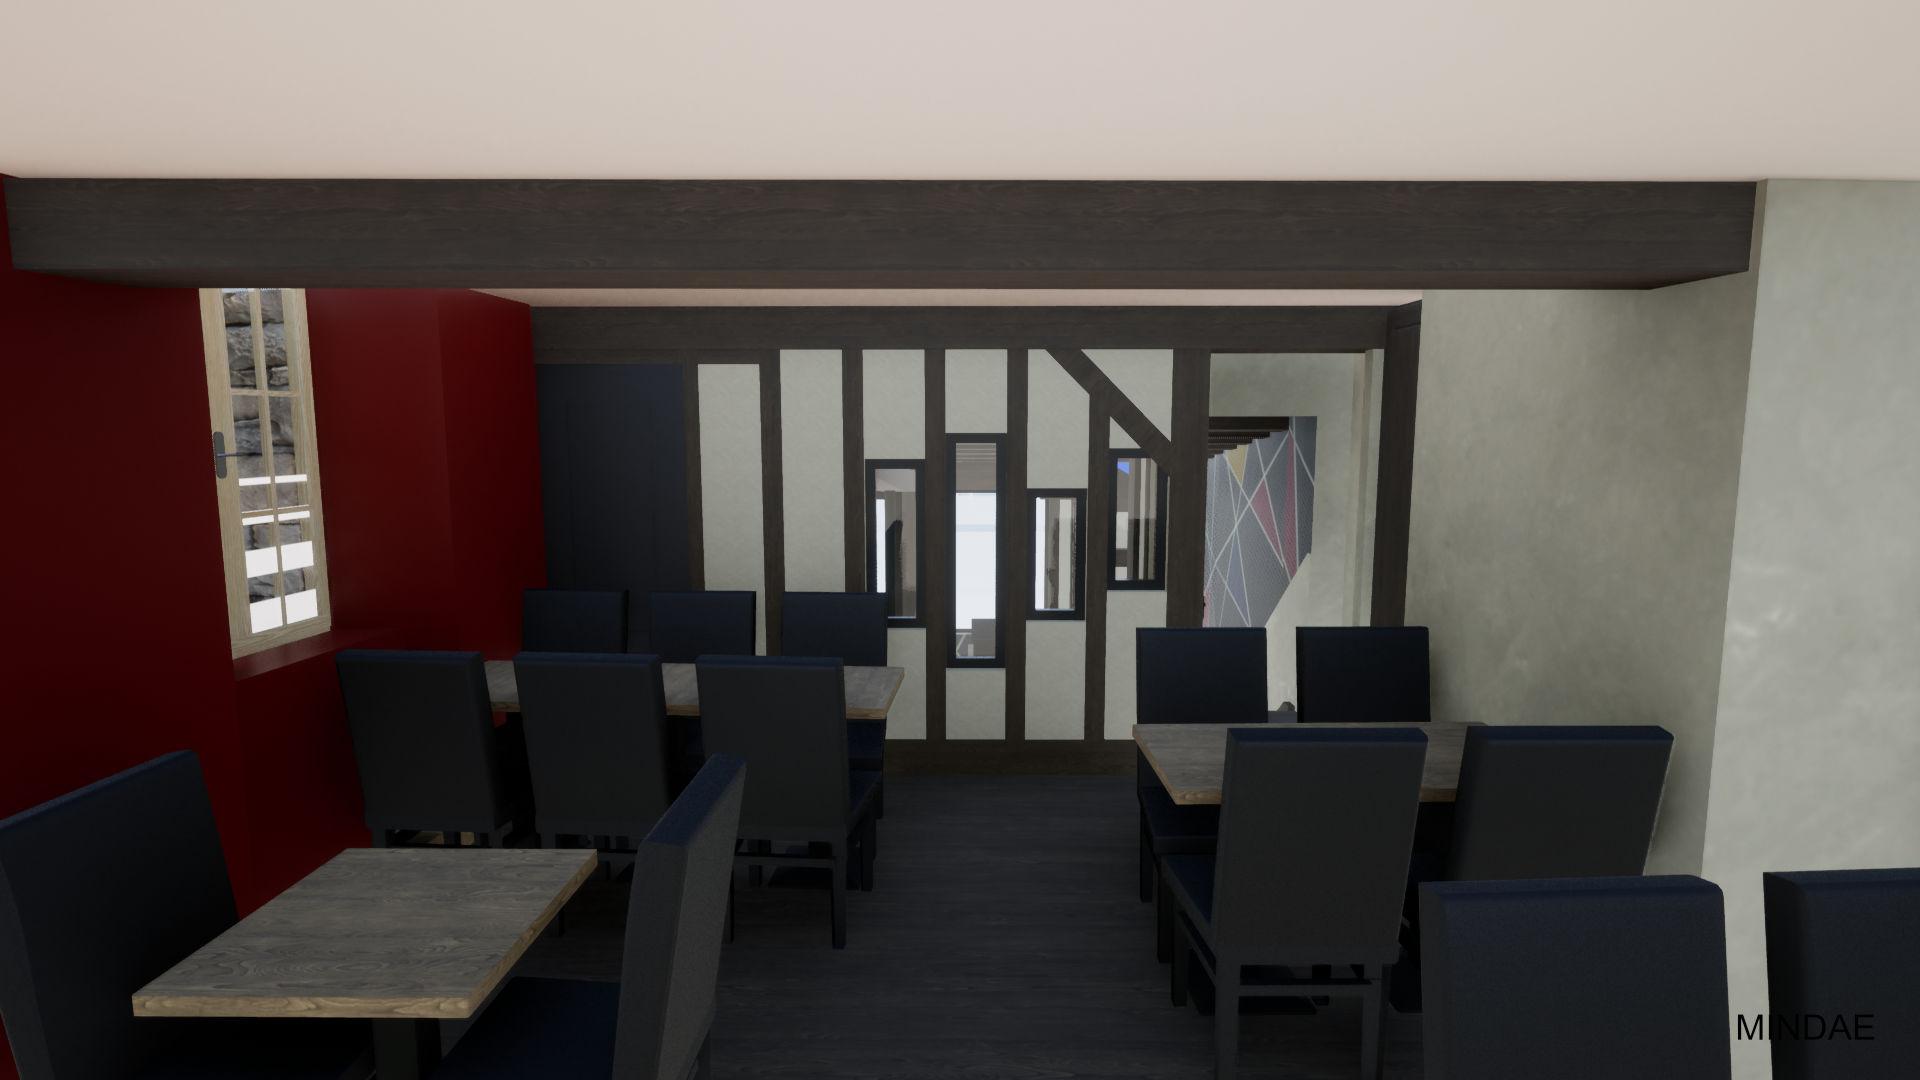 MINDAE_Restaurant_bar_salle_design_arlequin_colombage (2)